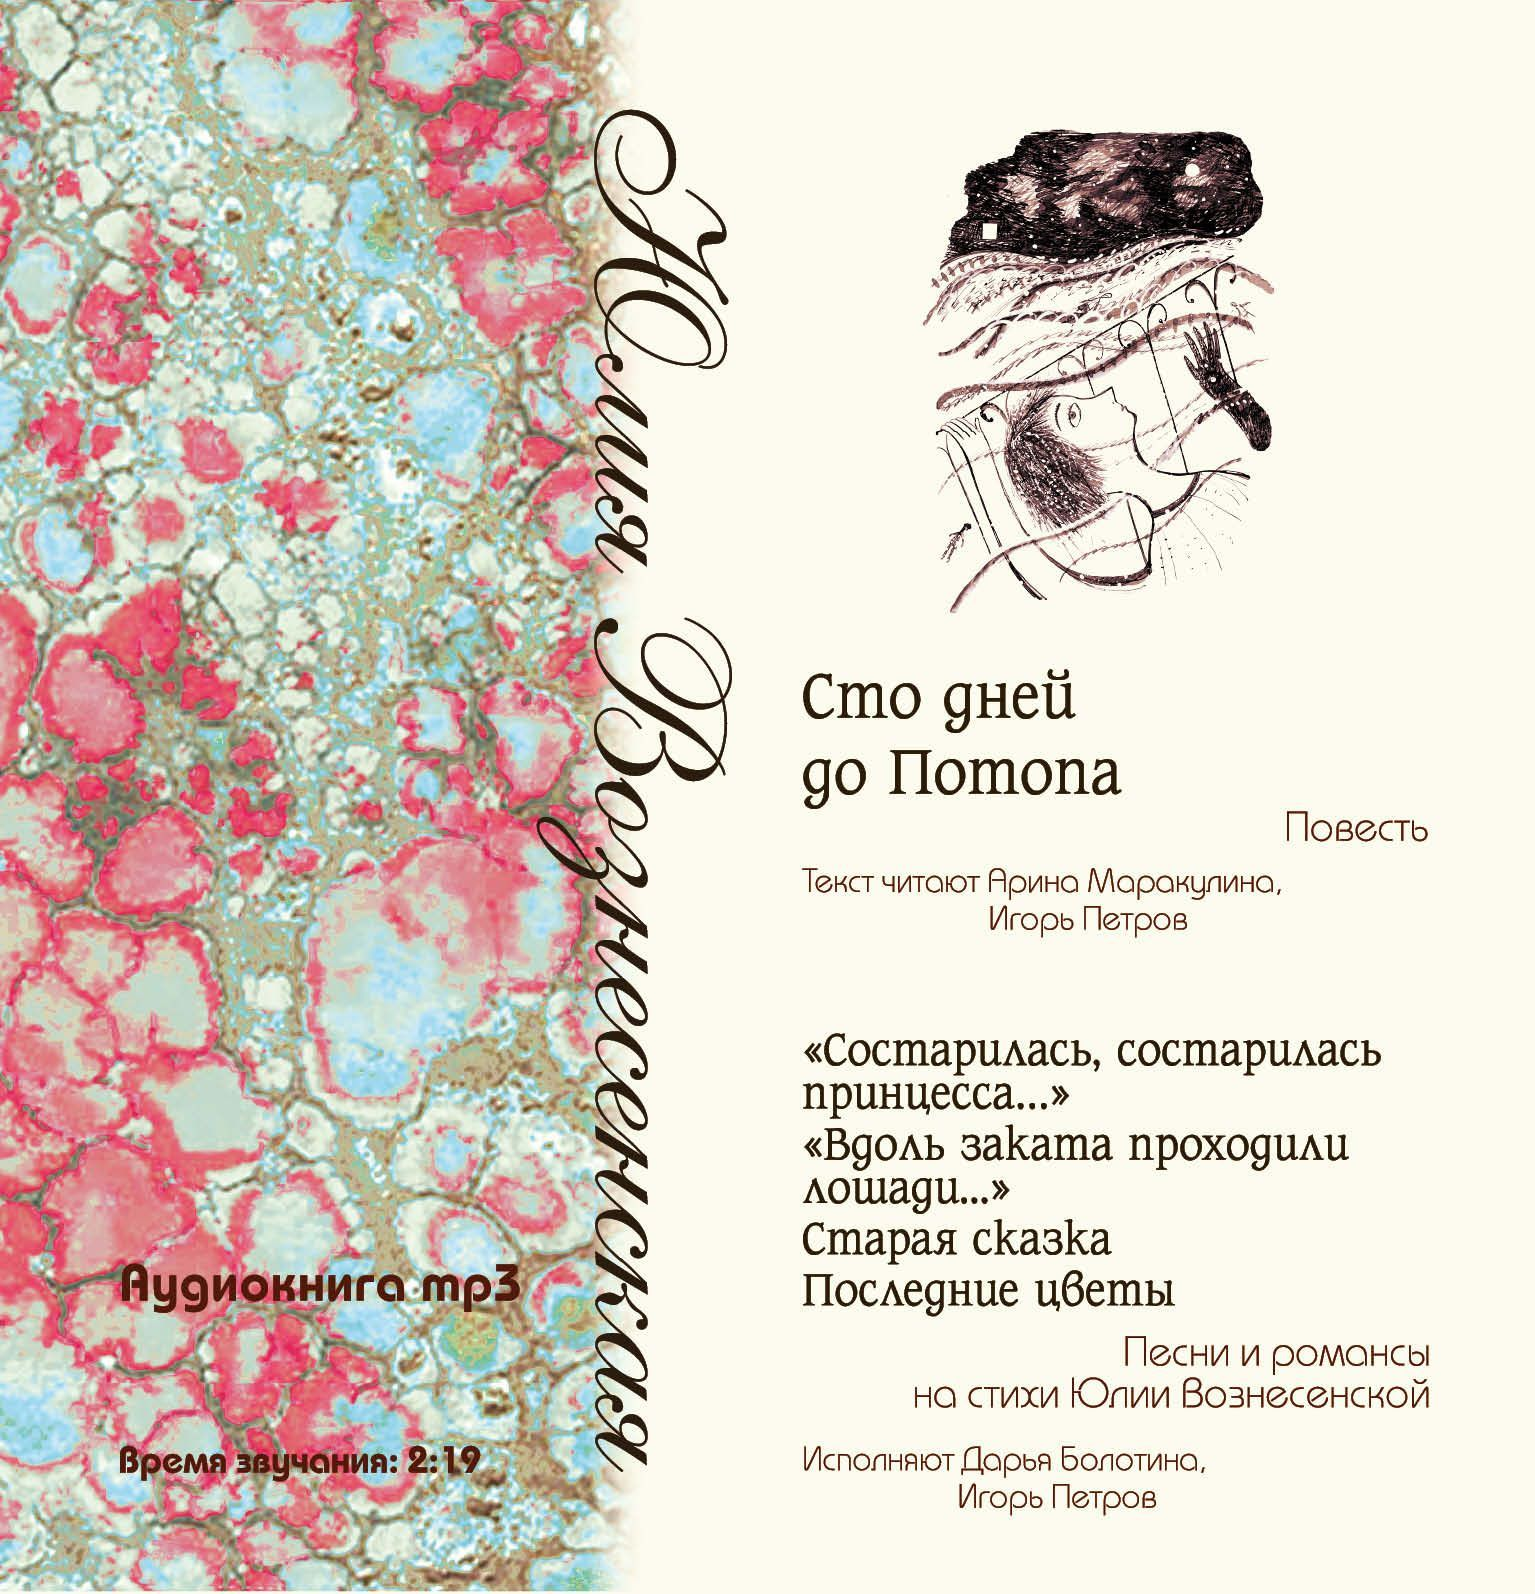 Юлия Вознесенская Сто дней до потопа поляков ю м сто дней до приказа на cd диске